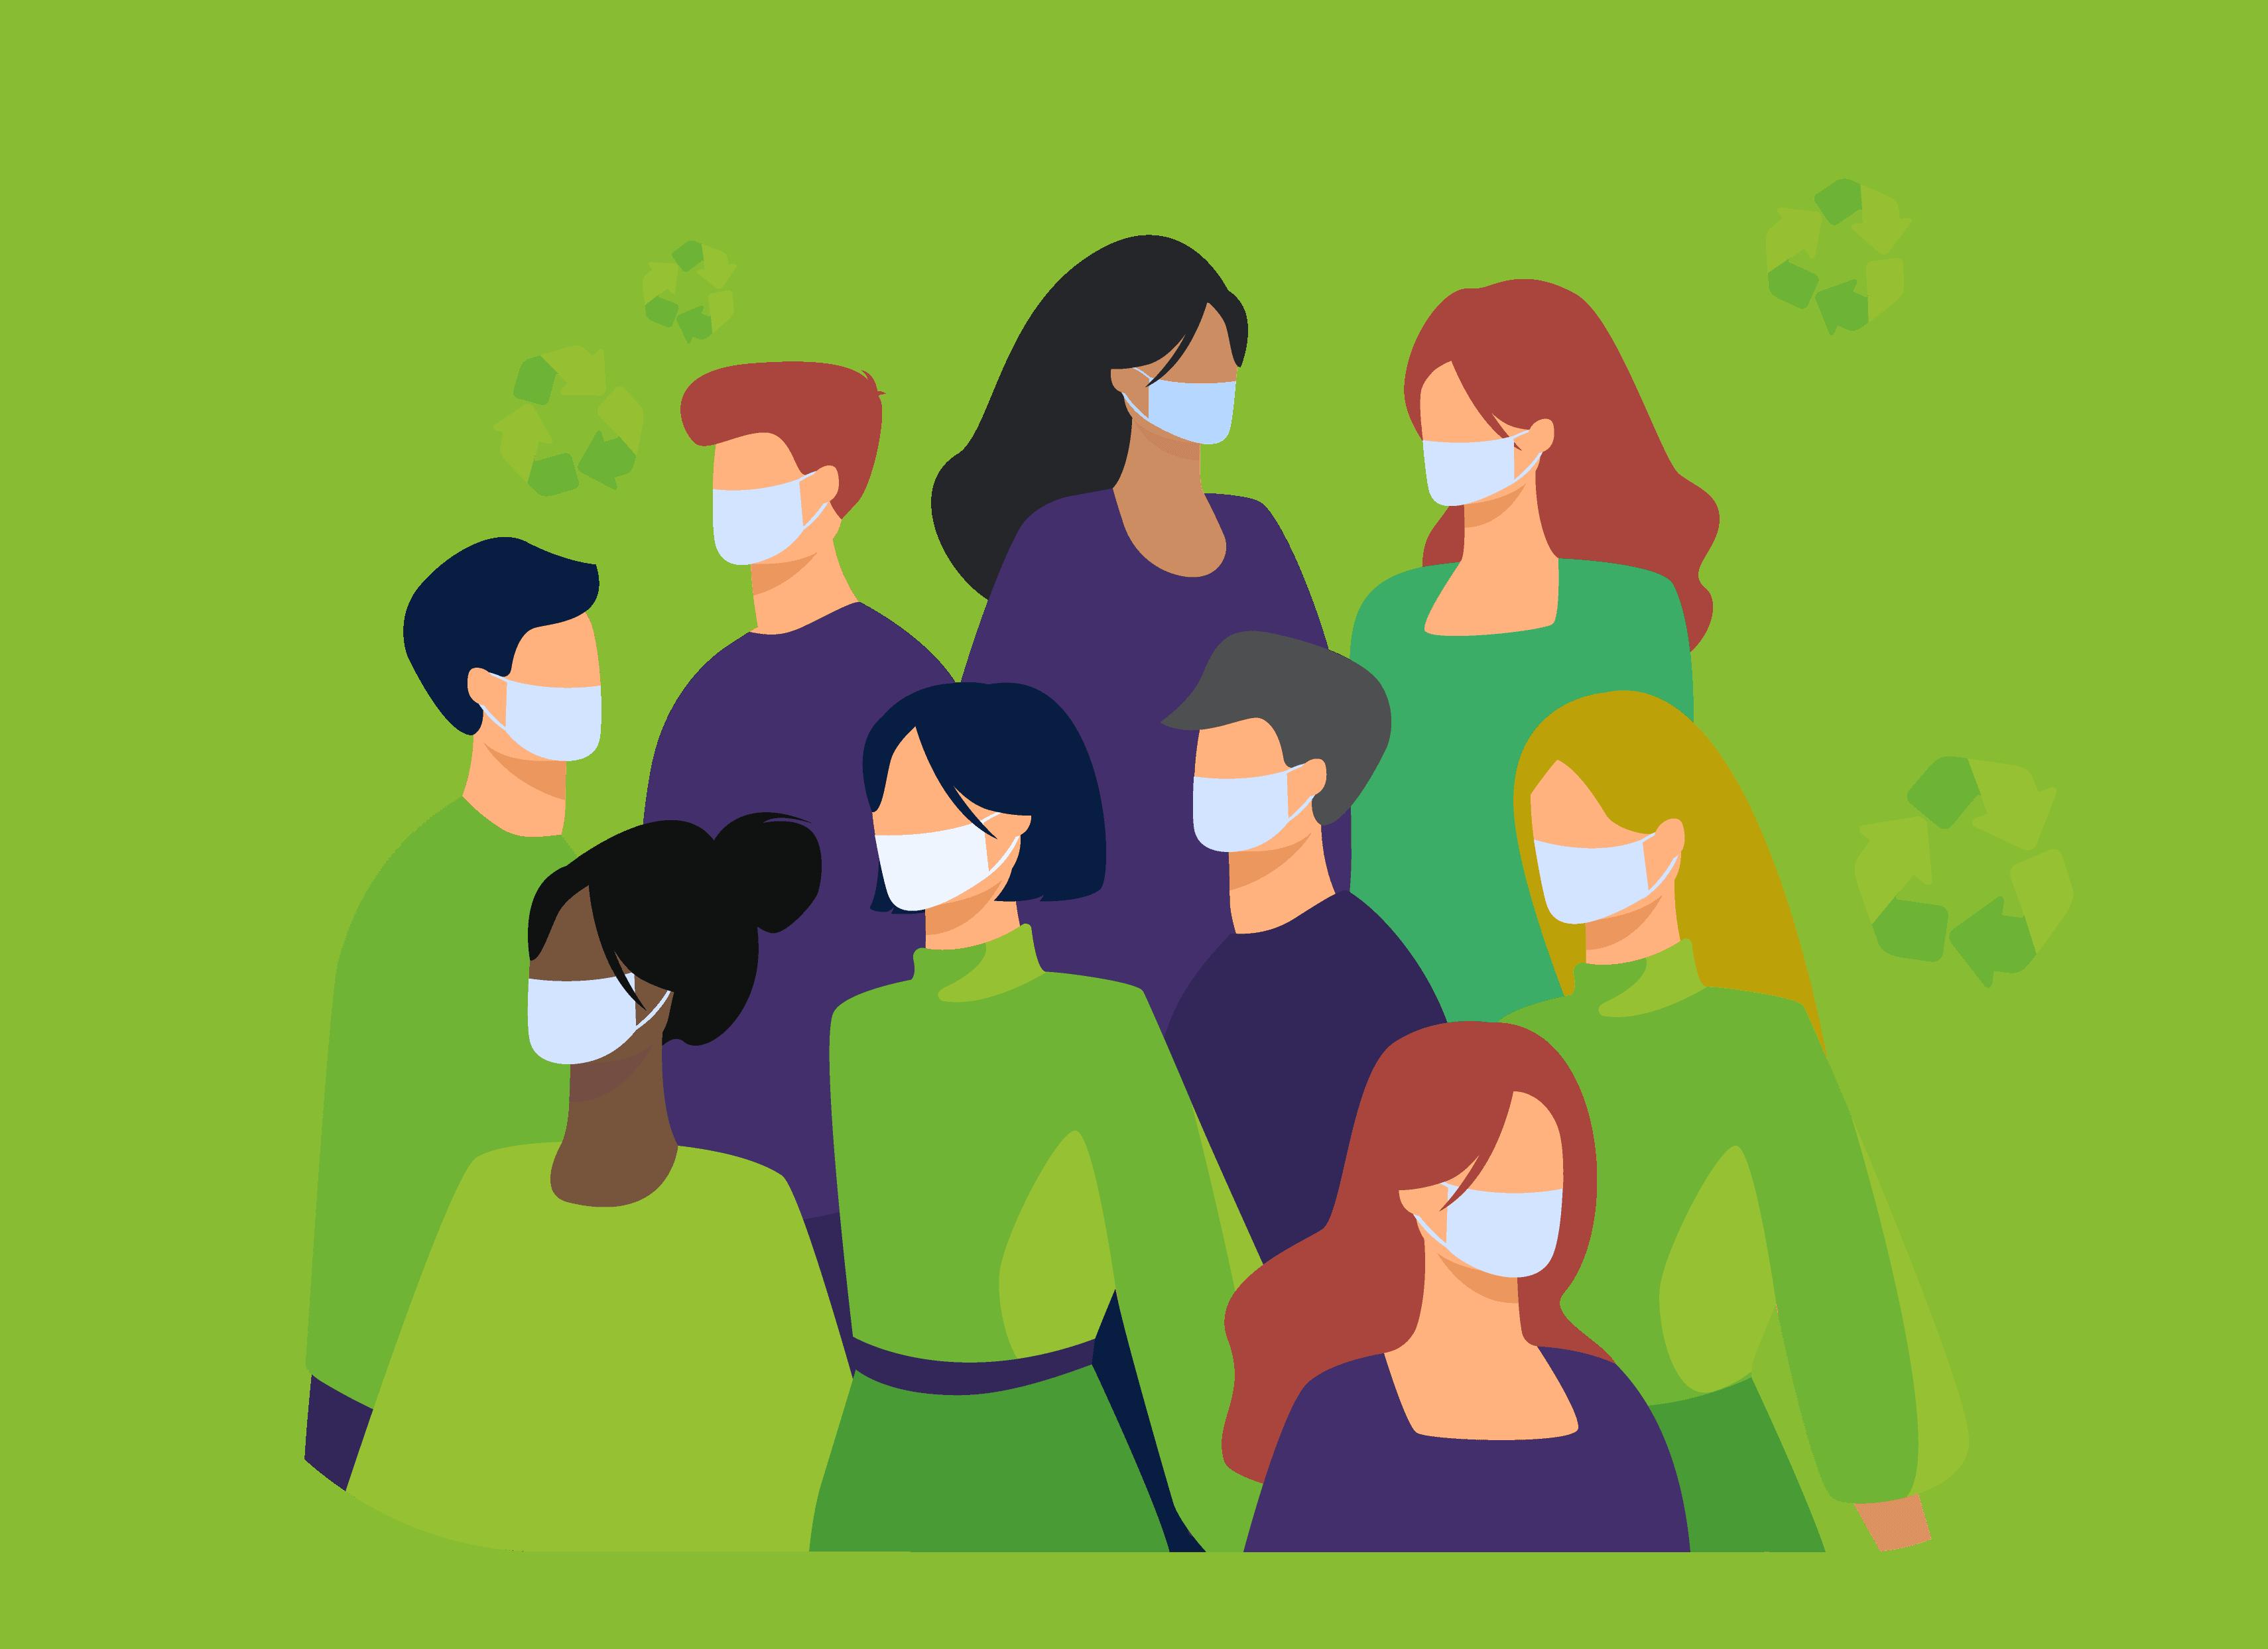 Port du masque en équipe - Greenwishes